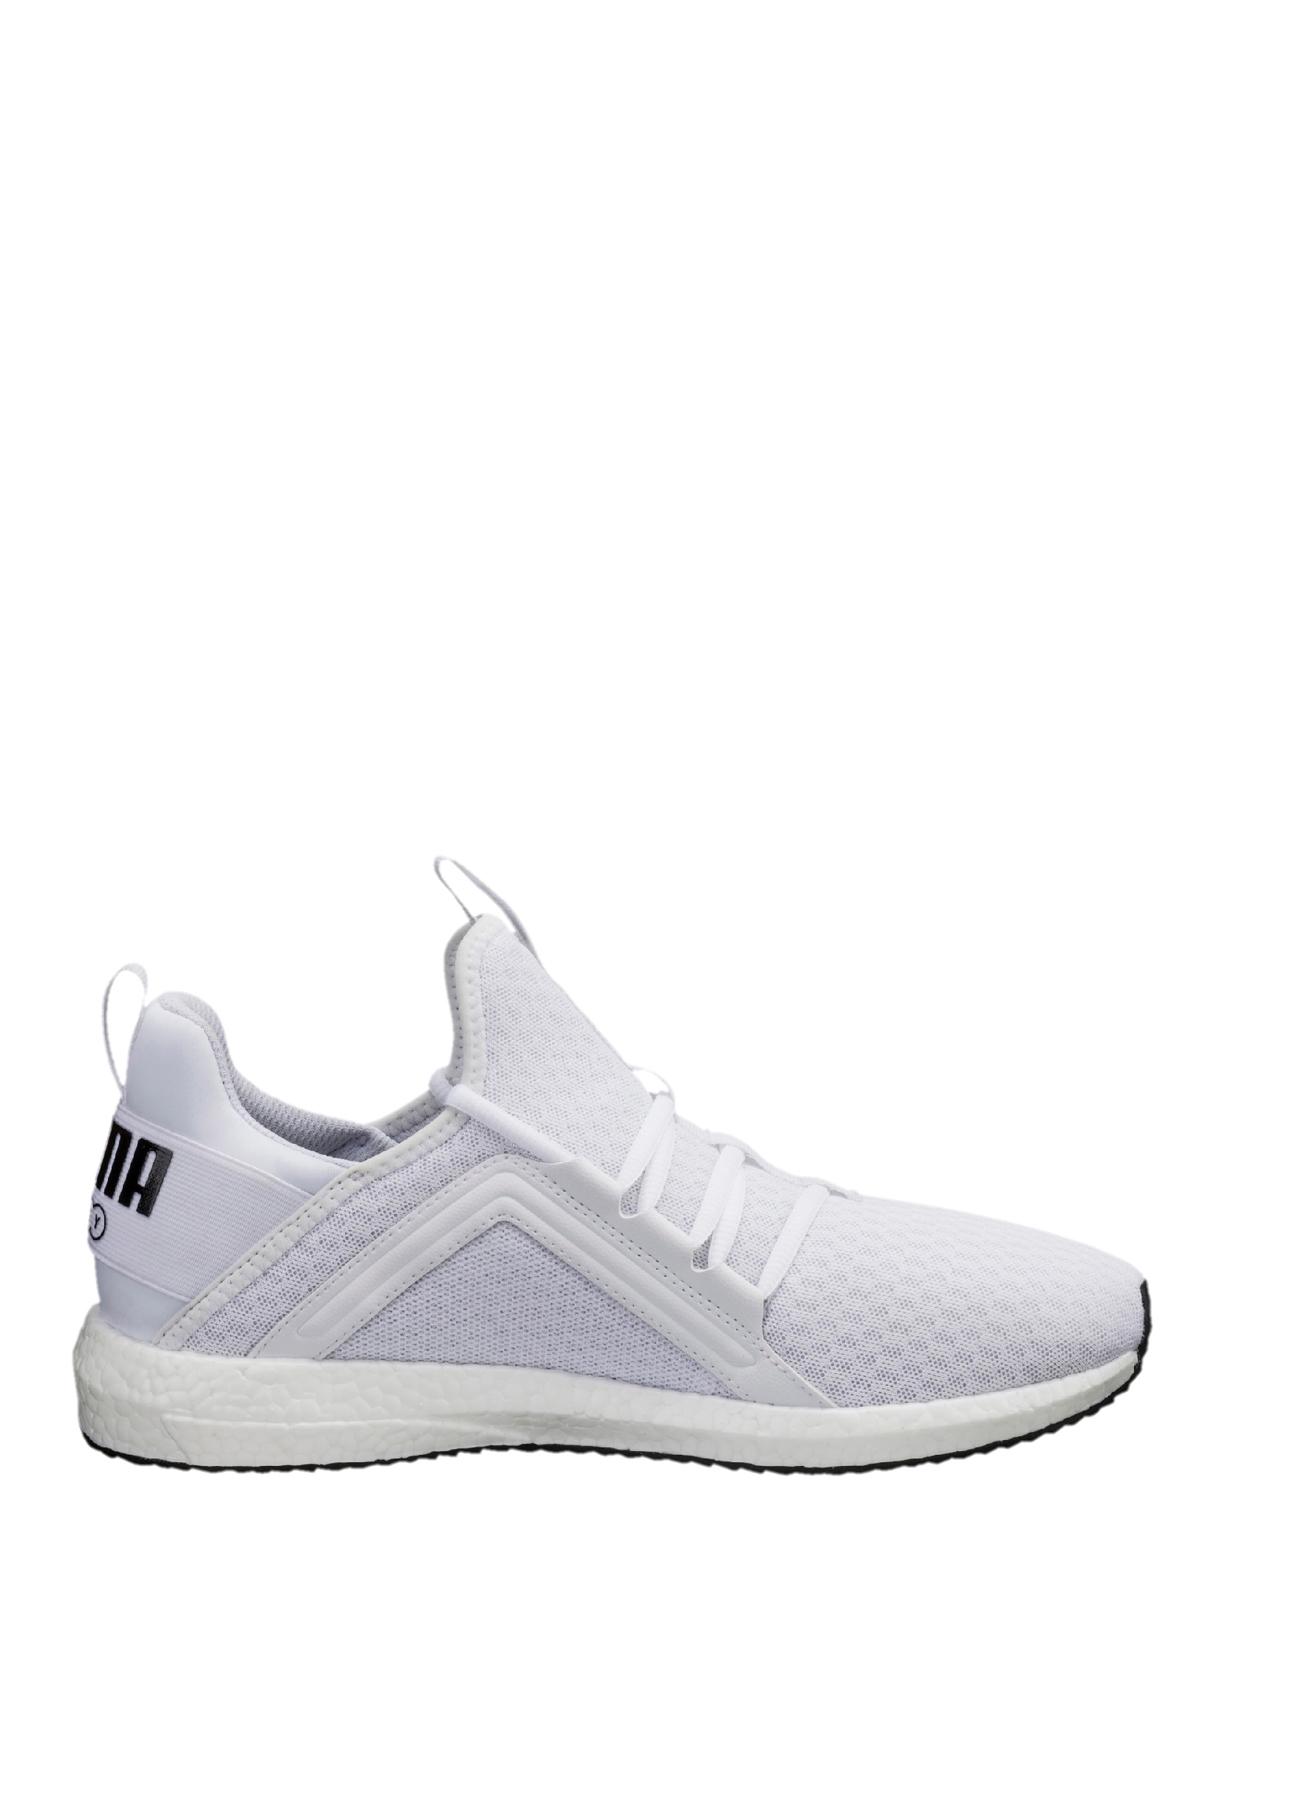 Puma Mega Nrgy Koşu Ayakkabısı 40.5 5000200713002 Ürün Resmi